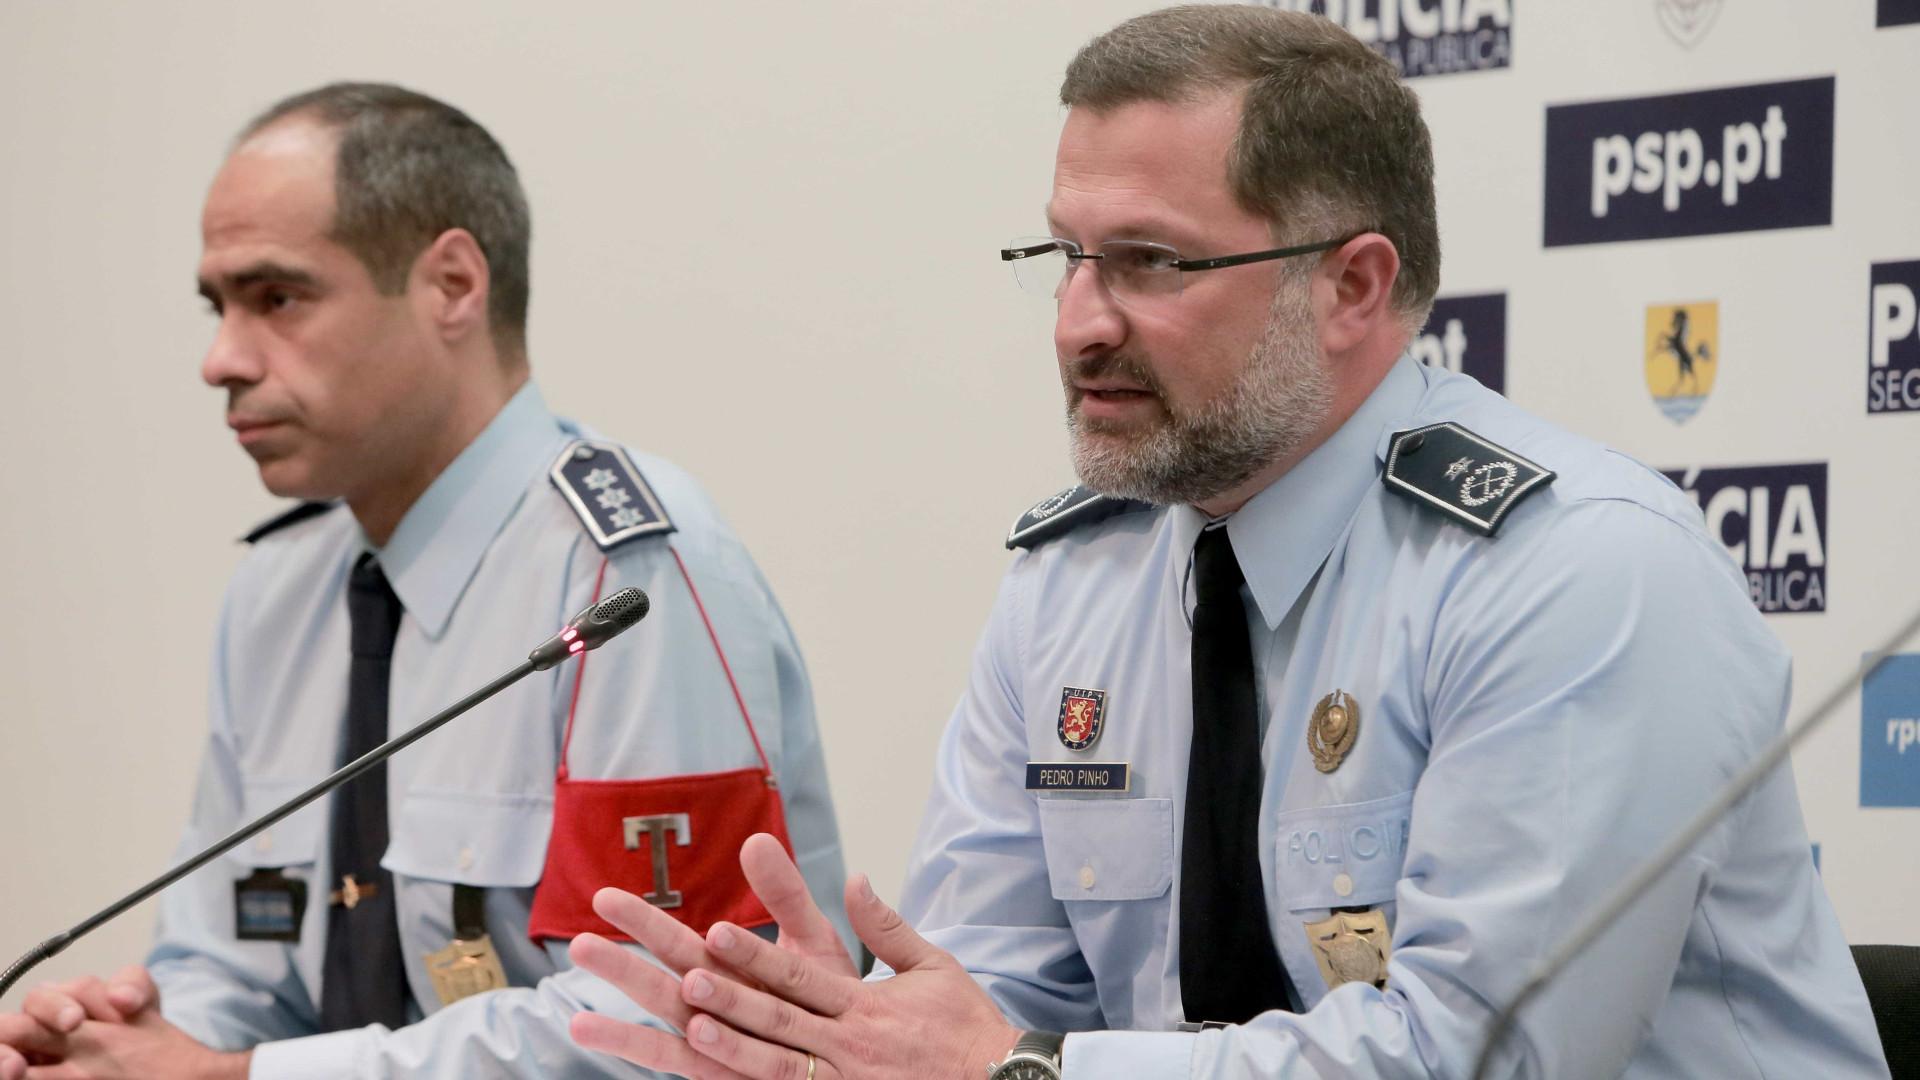 """Dérbi. PSP """"atenta"""" a atentados em dia de jogo de """"risco elevado"""""""